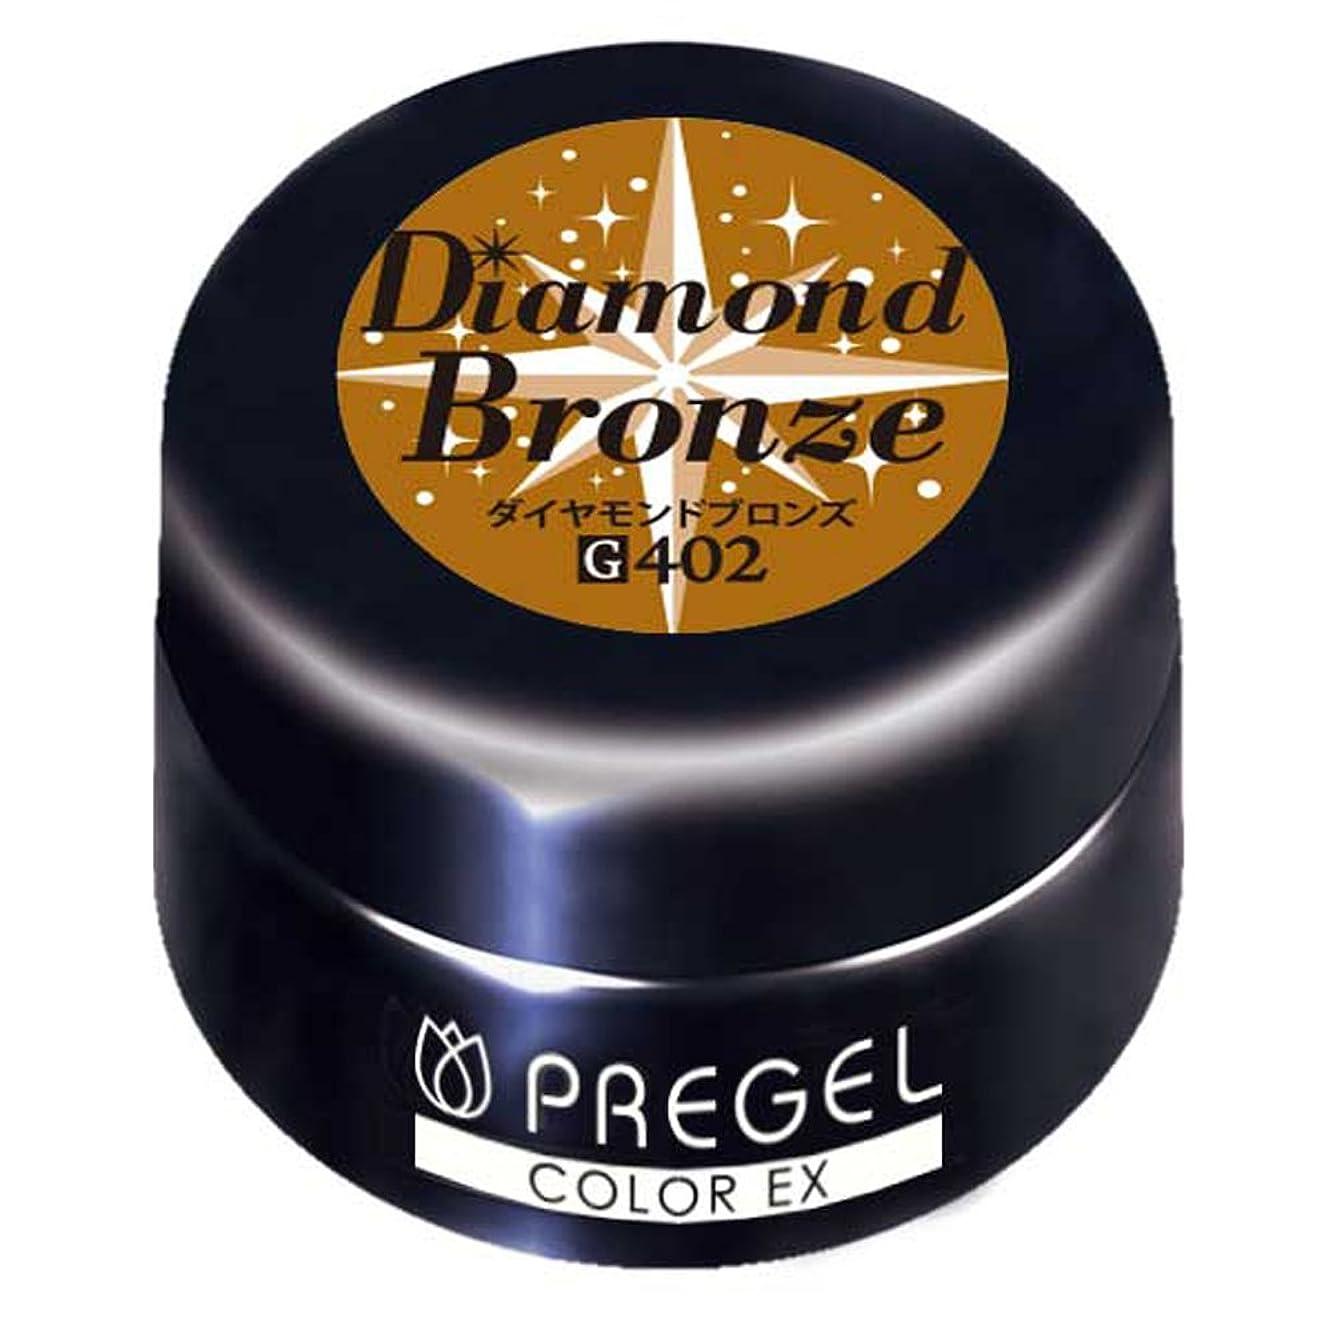 に向かって老朽化した不信PRE GEL カラーEX ダイヤモンドブロンズCE402 UV/LED対応 カラージェル